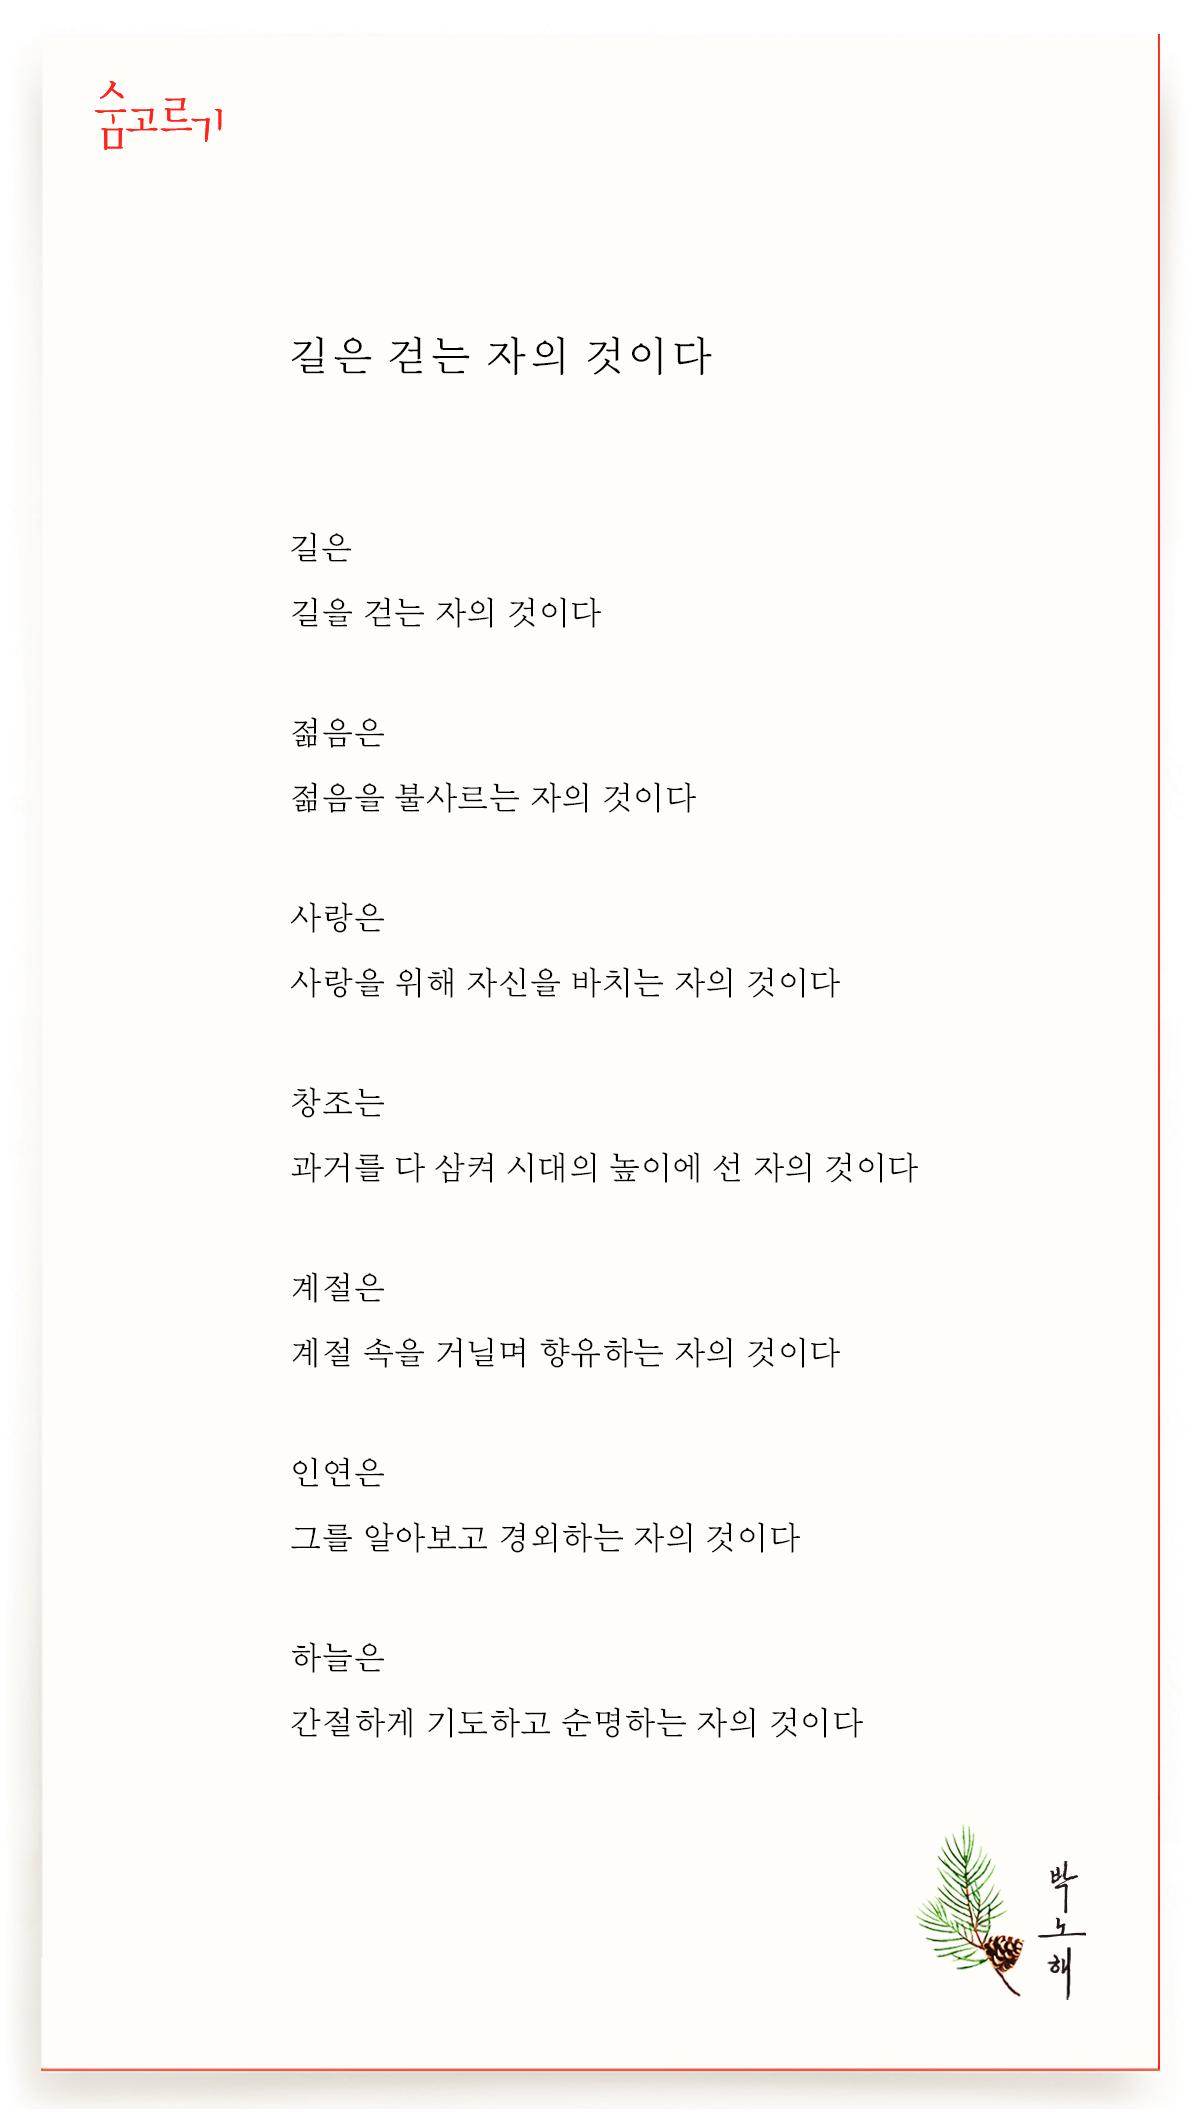 박노해의 숨고르기 길은 걷는 자의 것이다